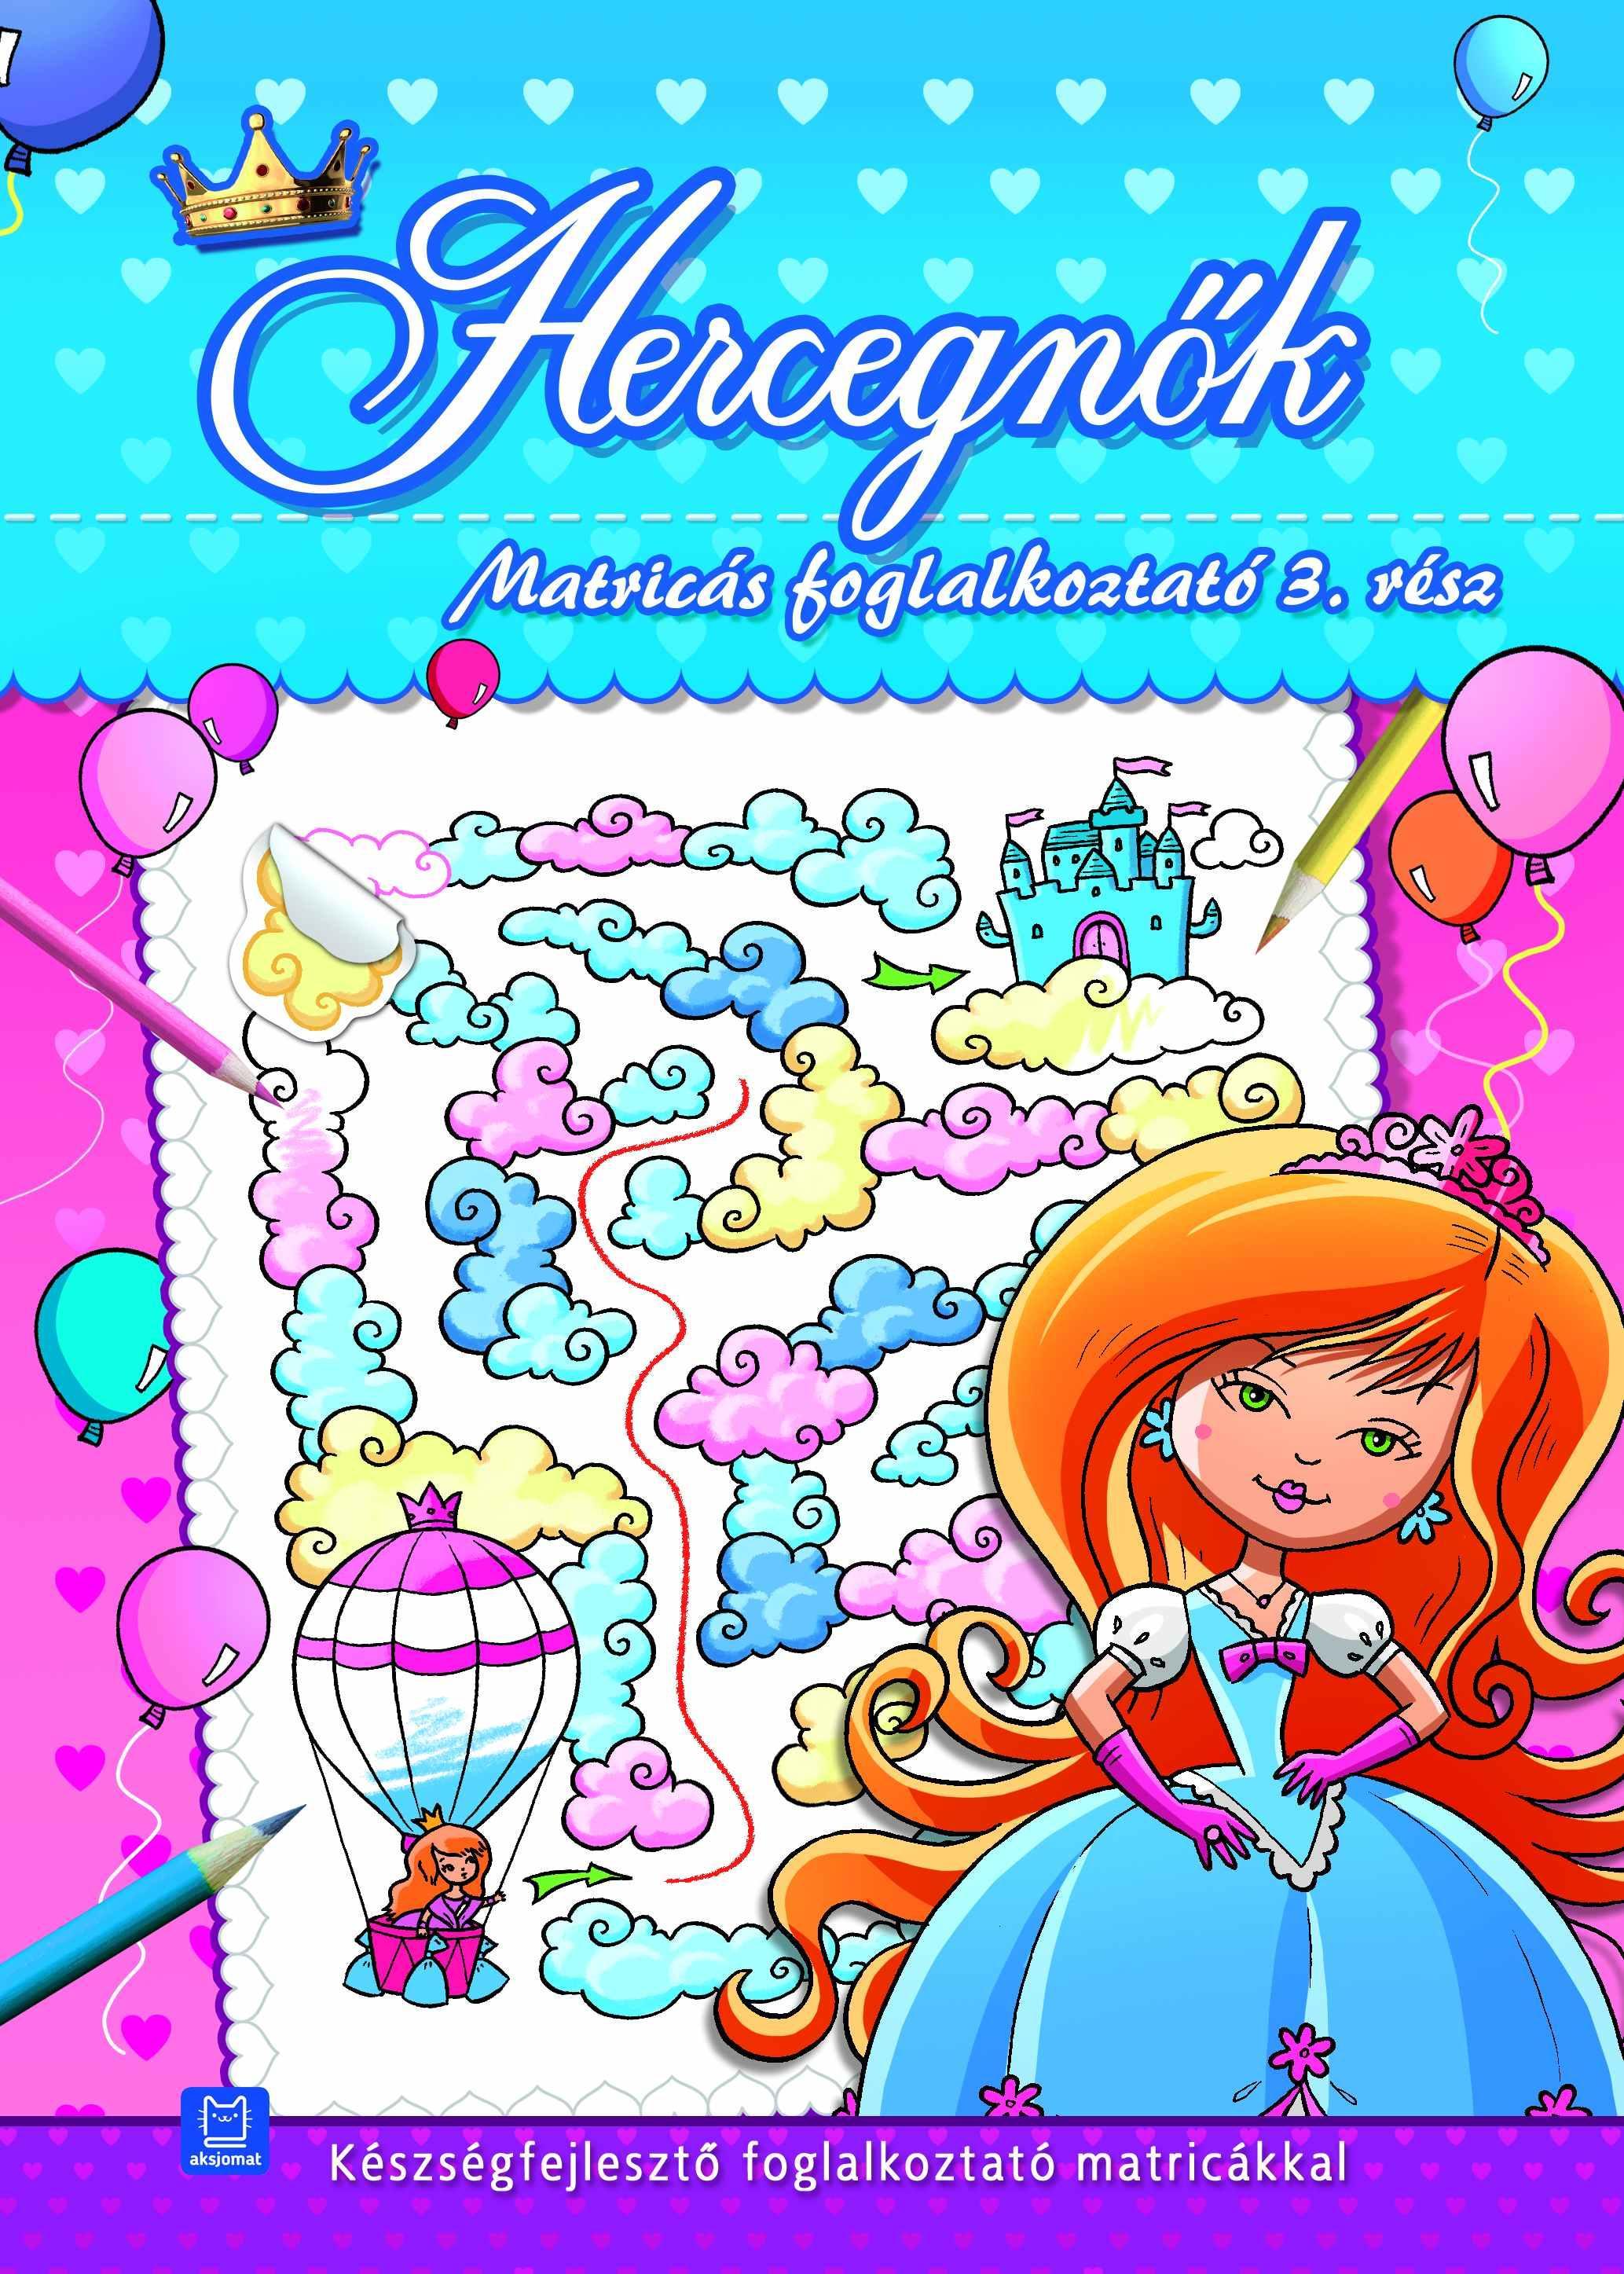 HERCEGNŐK - MATRICÁS FOGLALKOZTATÓ 3. RÉSZ